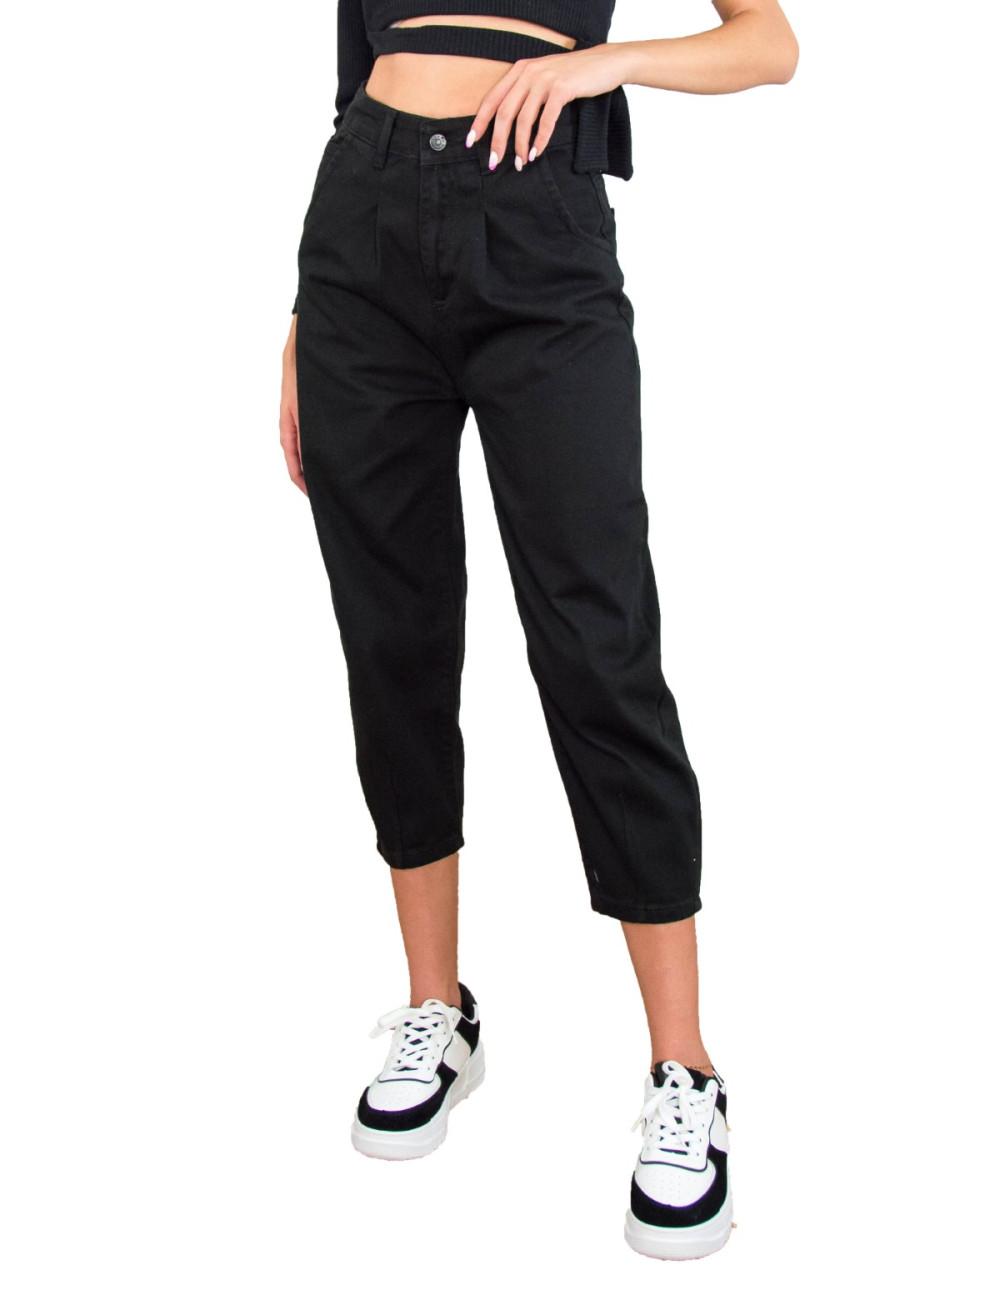 Γυναικείο μαύρο τζιν παντελόνι Buggy LY4304